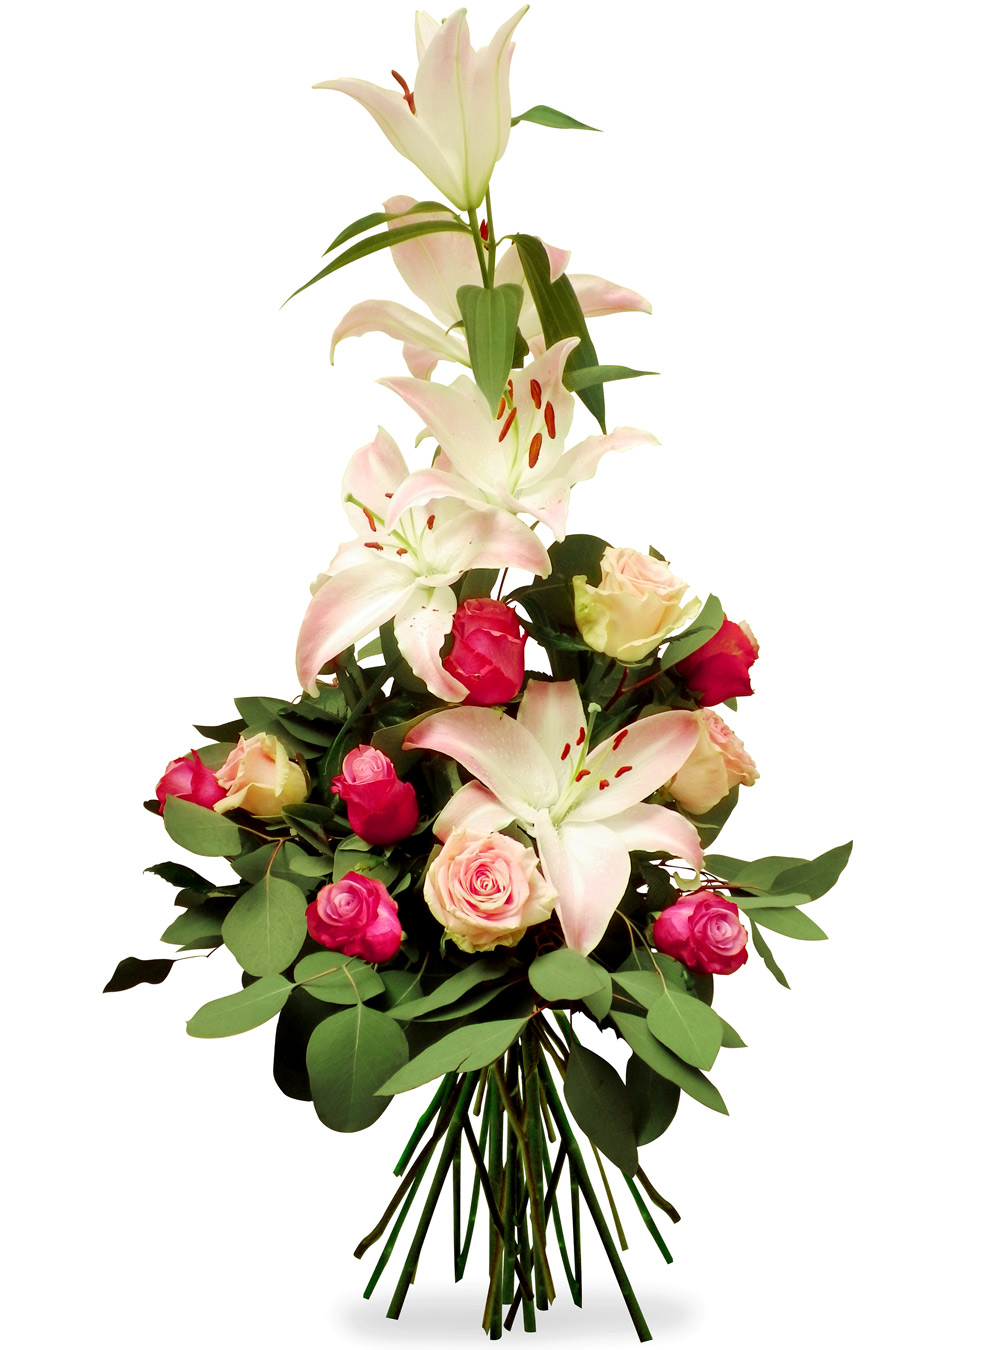 Les fleurs du fleuriste bouquet lys festif chez 123fleurs for Fleurs fleuriste